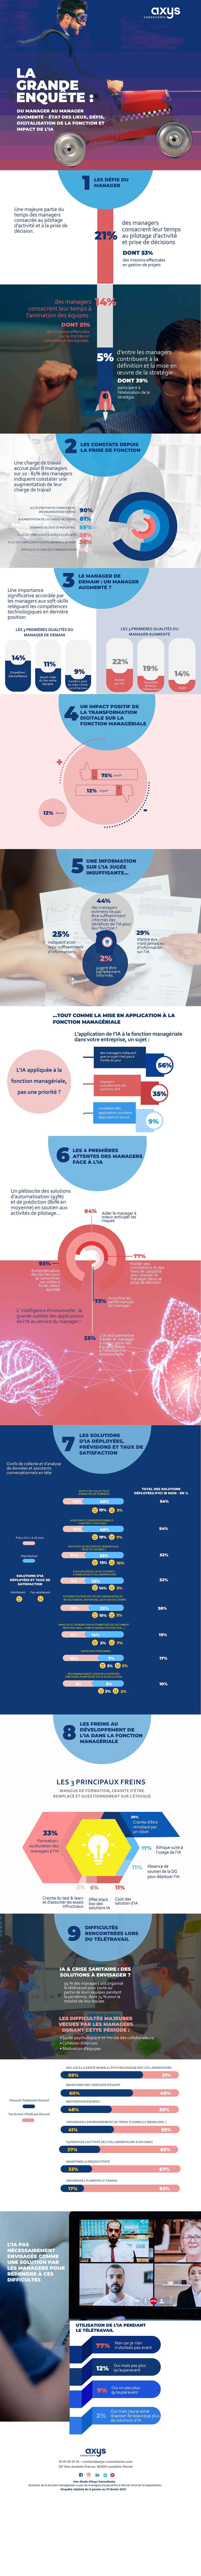 Infographie : Allons-nous vers un management « augmenté » avec l'intelligence artificielle ?